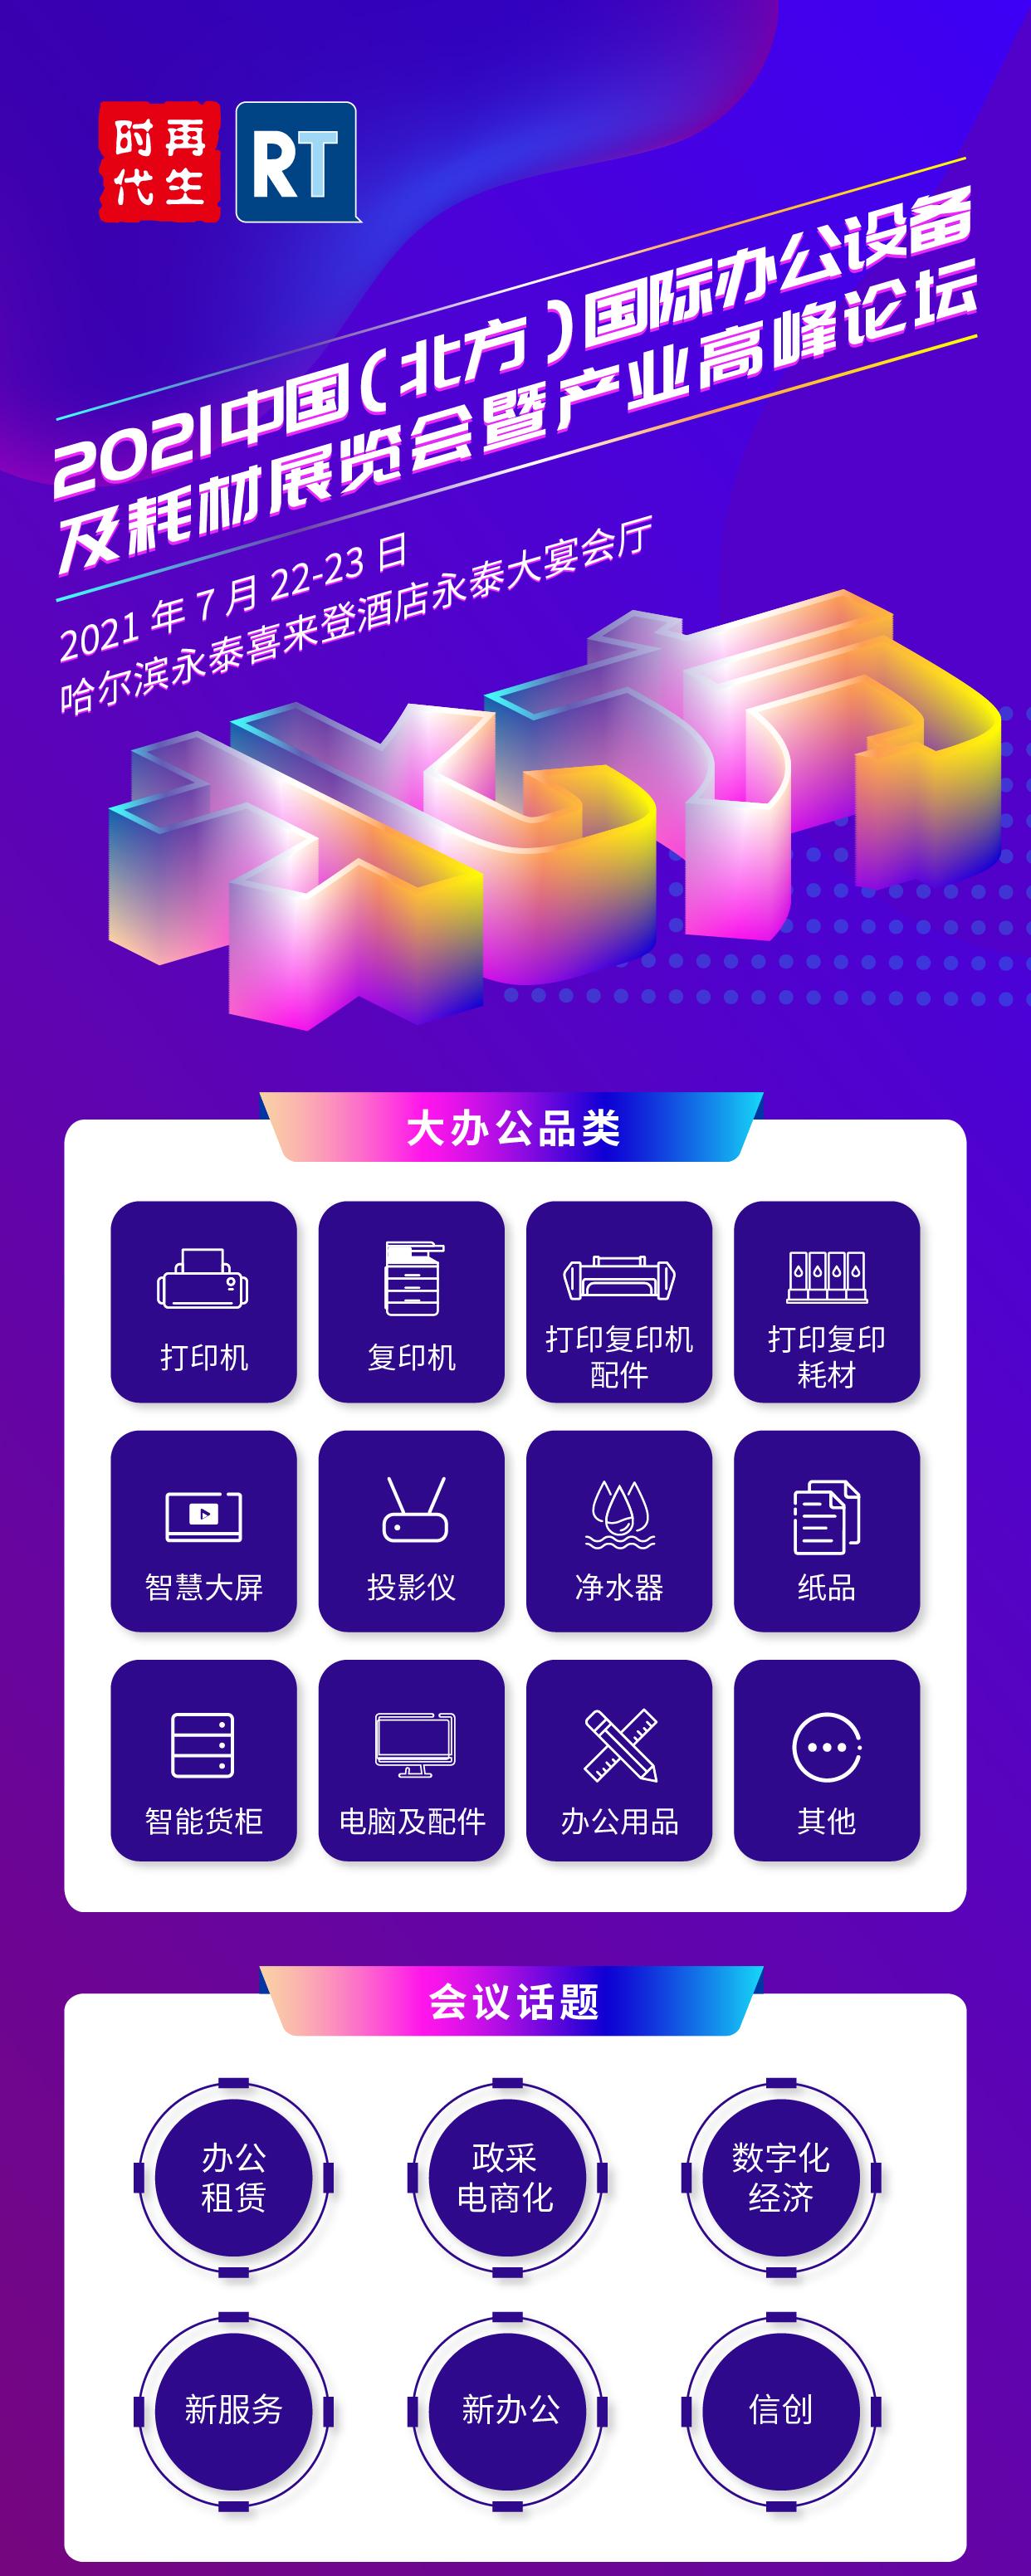 哈尔滨展海报-01(55)新.png